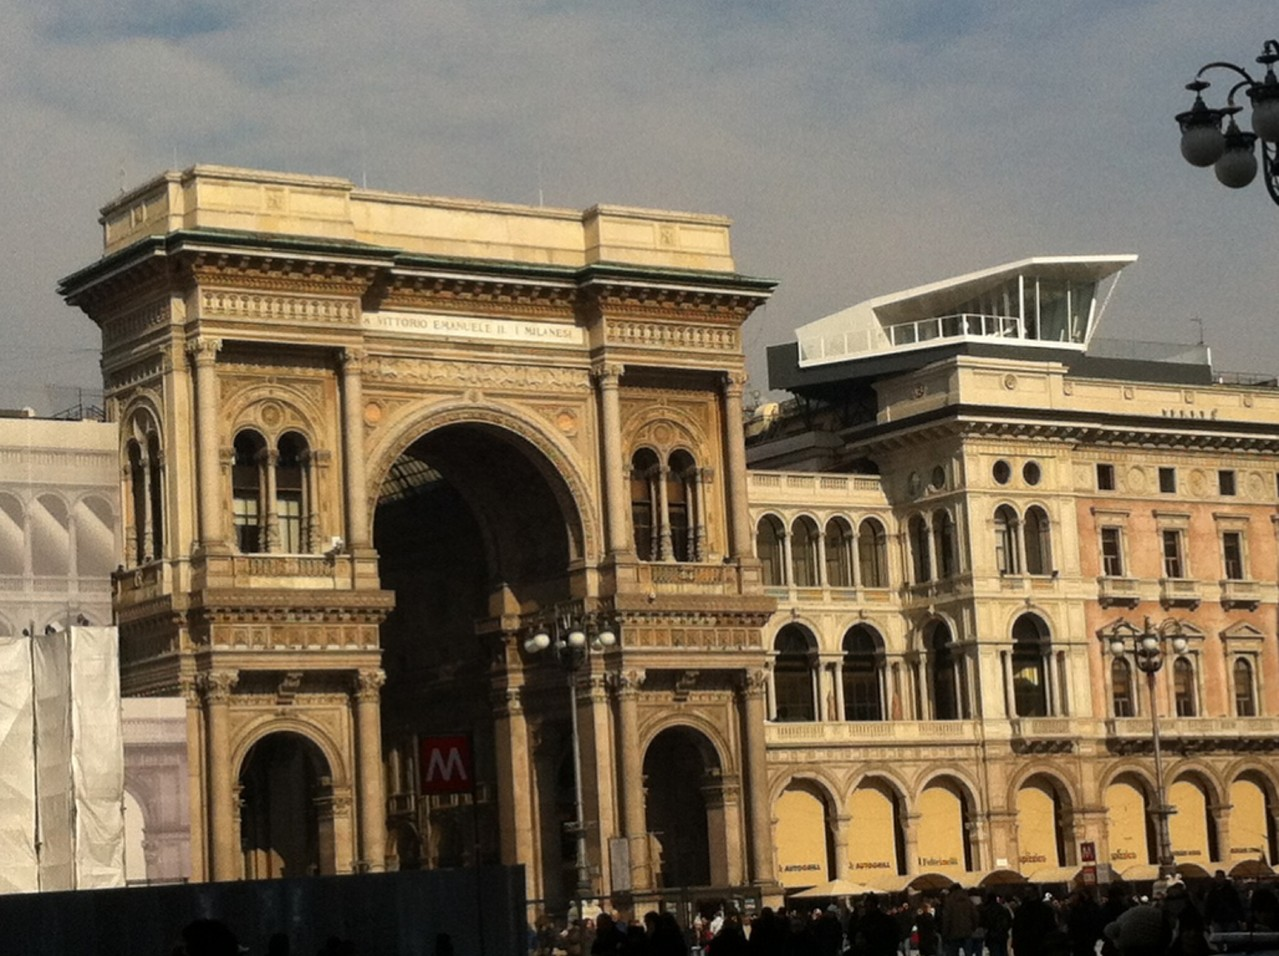 Entrada Galleria Vittorio Emanuele